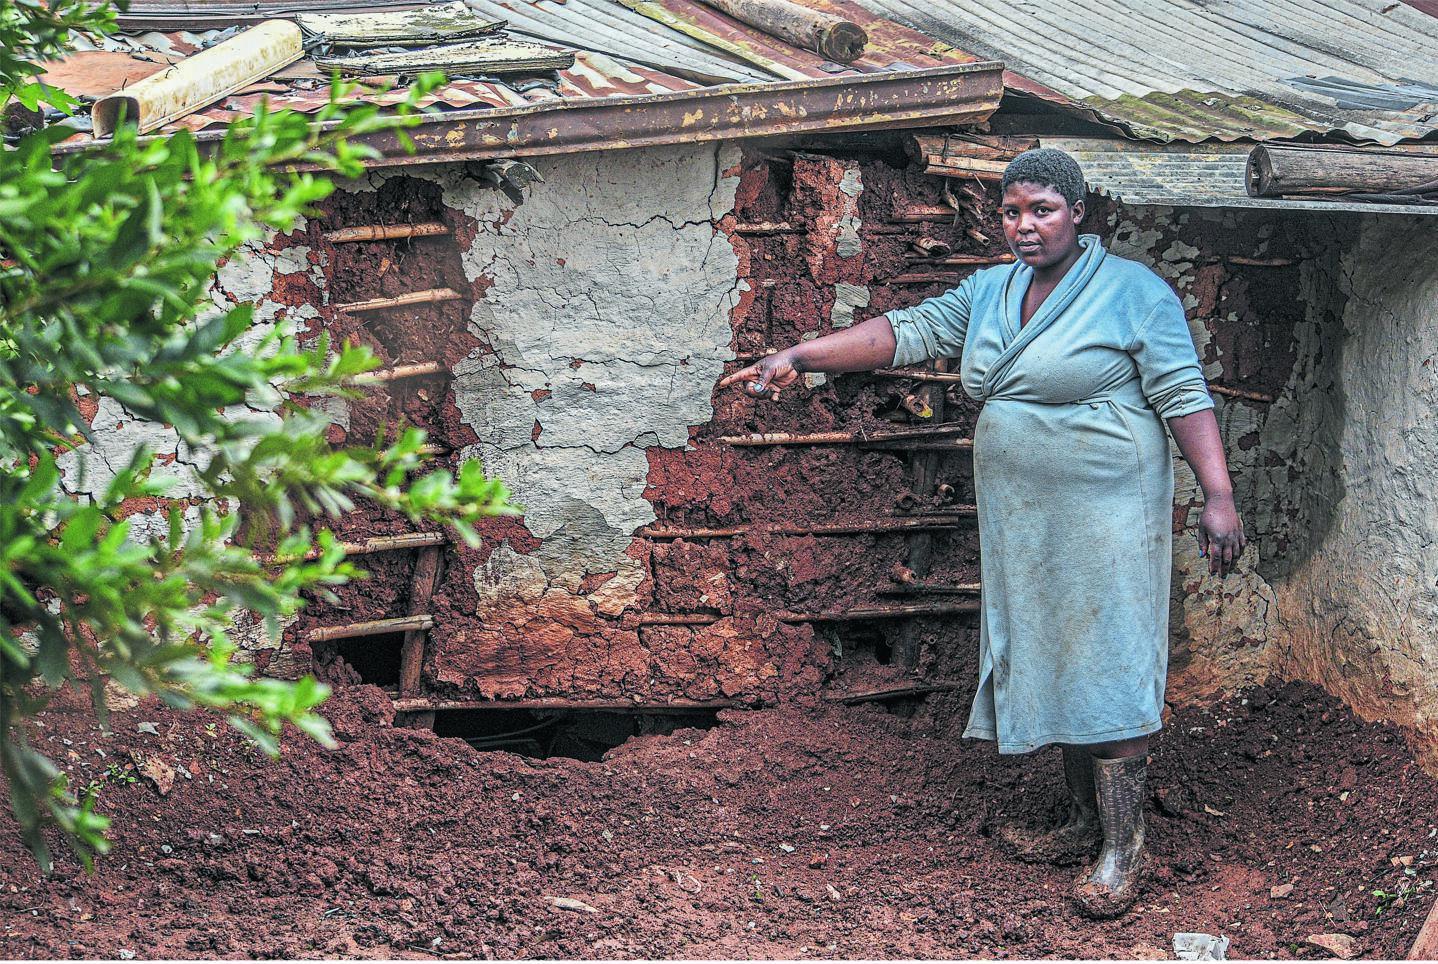 Nomazizi Mtebeni from Nhlalakahle points to where her house was badly damaged during the heavy rains on Sunday. PHOTO: Moeketsi Mamane